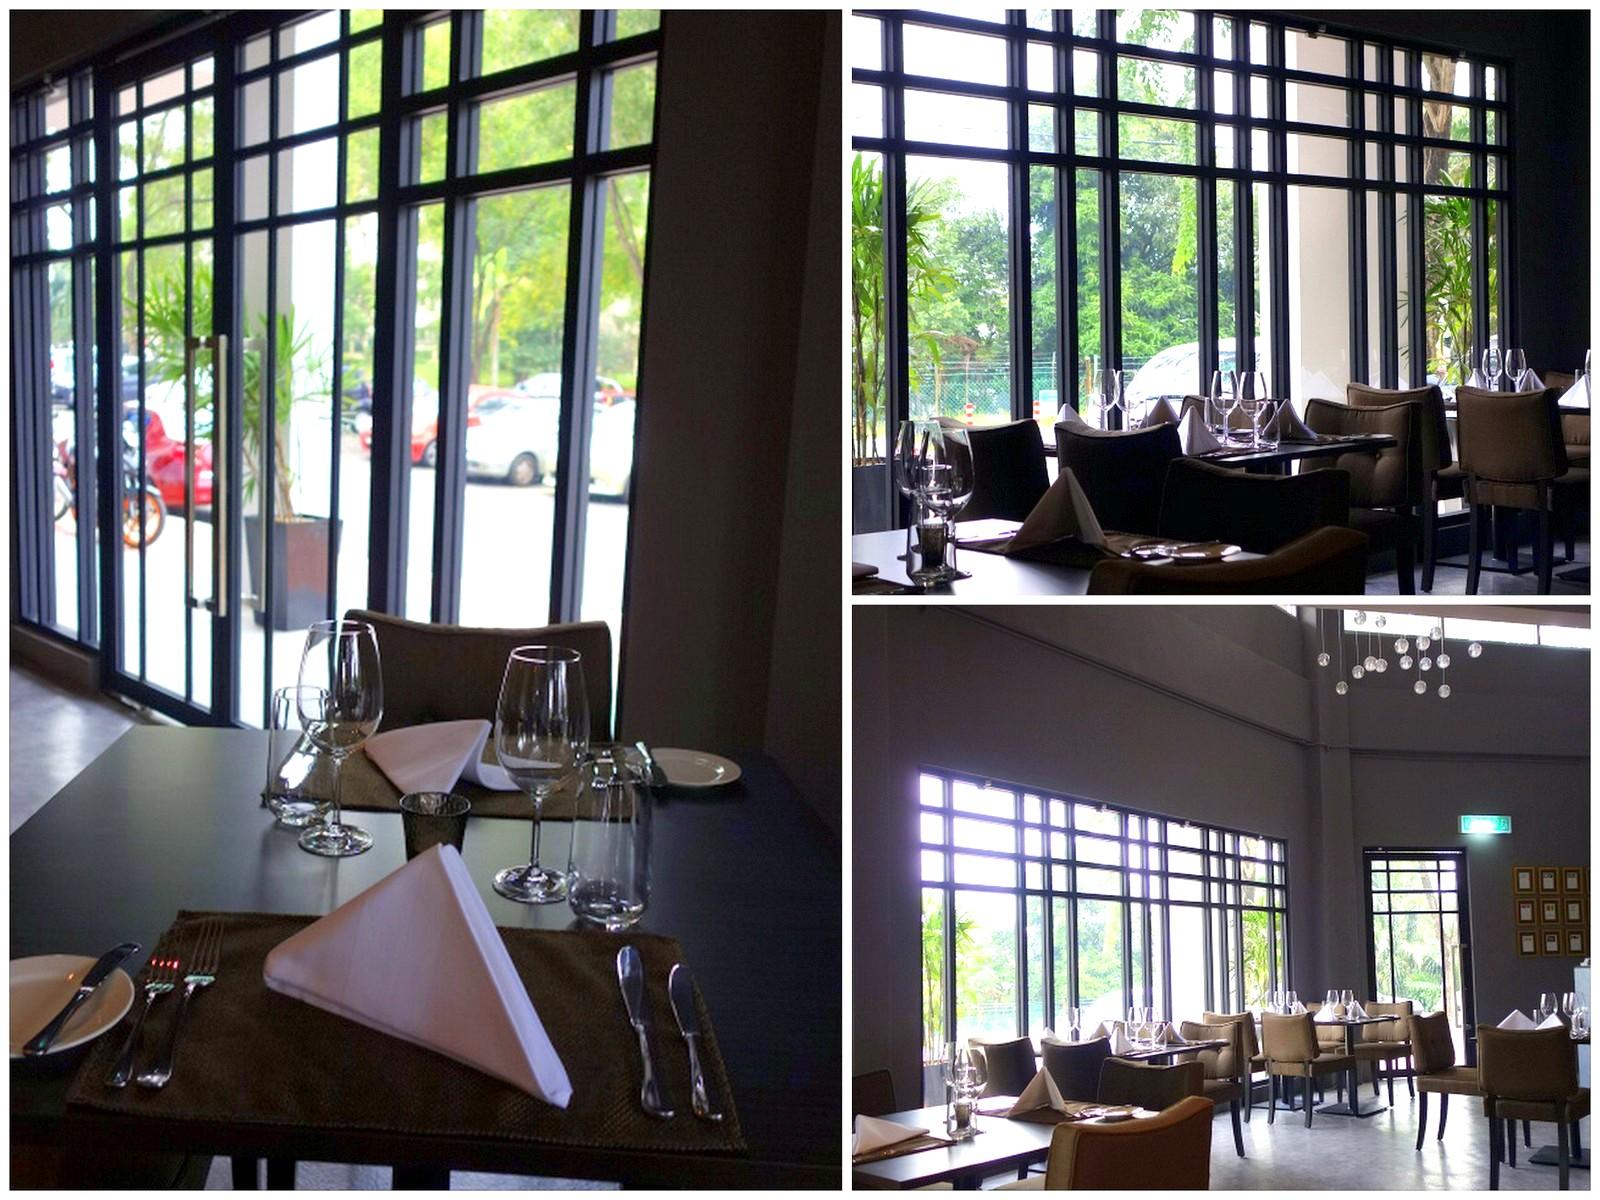 eat drink kl soleil restaurant section 17 petaling jaya. Black Bedroom Furniture Sets. Home Design Ideas